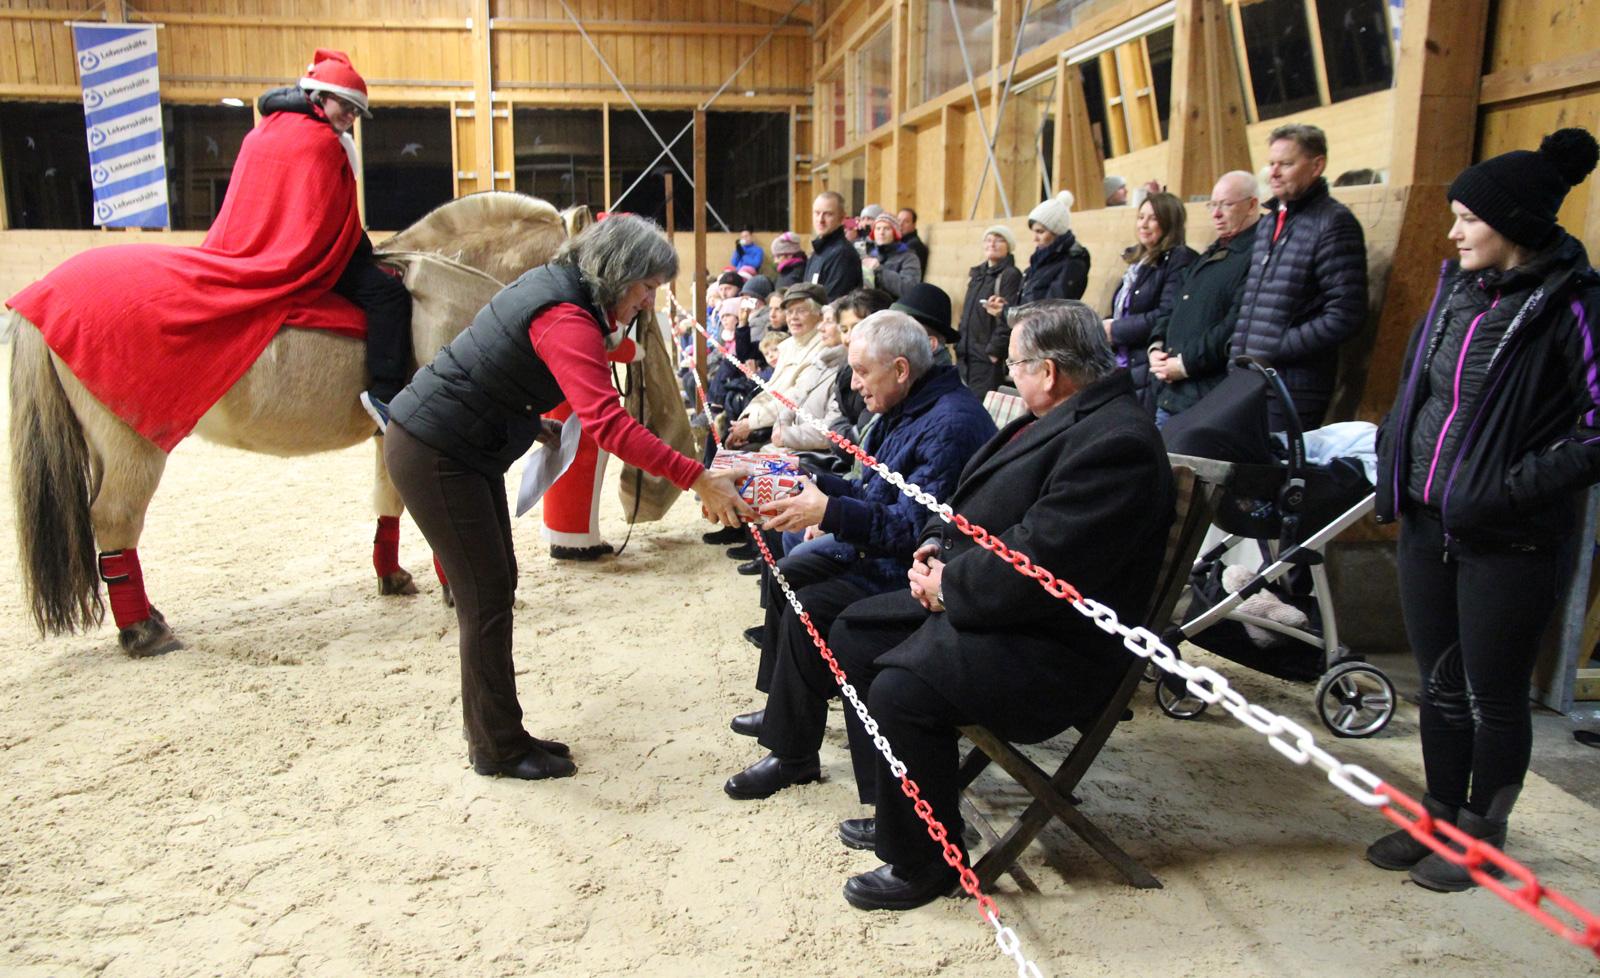 Der Weihnachtsmuffel, interpretiert als Voltigiervorführung von Kindern mit Handicap, stand Mittwochabend im Mittelpunkt des Reittherapiezentrums der Lebenshilfe Nürnberger Land.